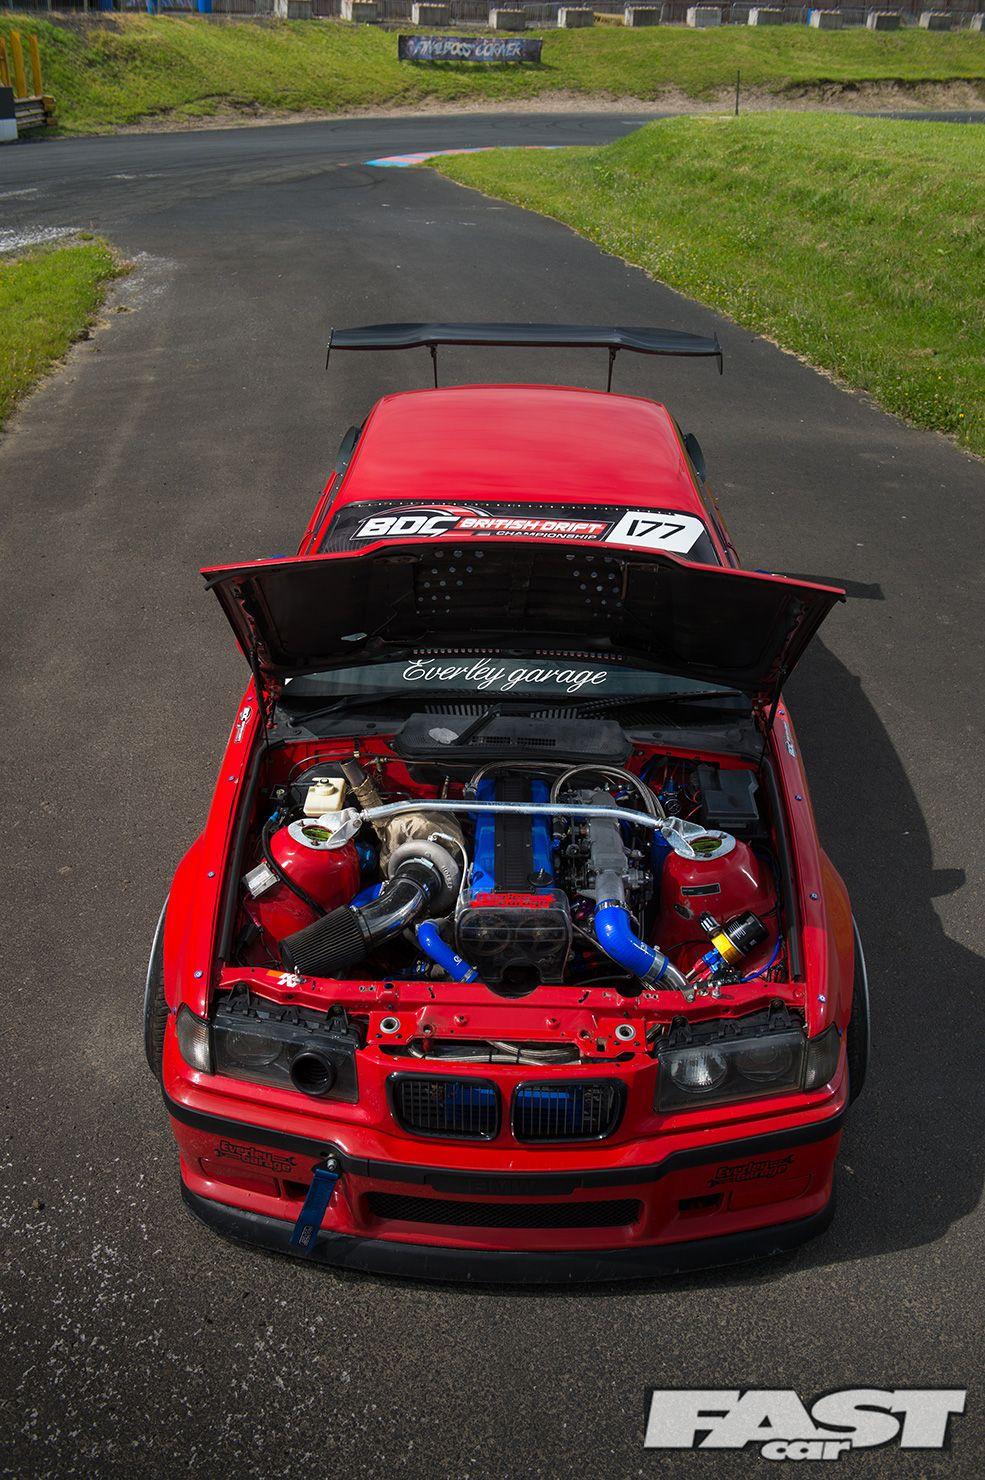 hight resolution of bmw e36 toyota jz bdc drift car